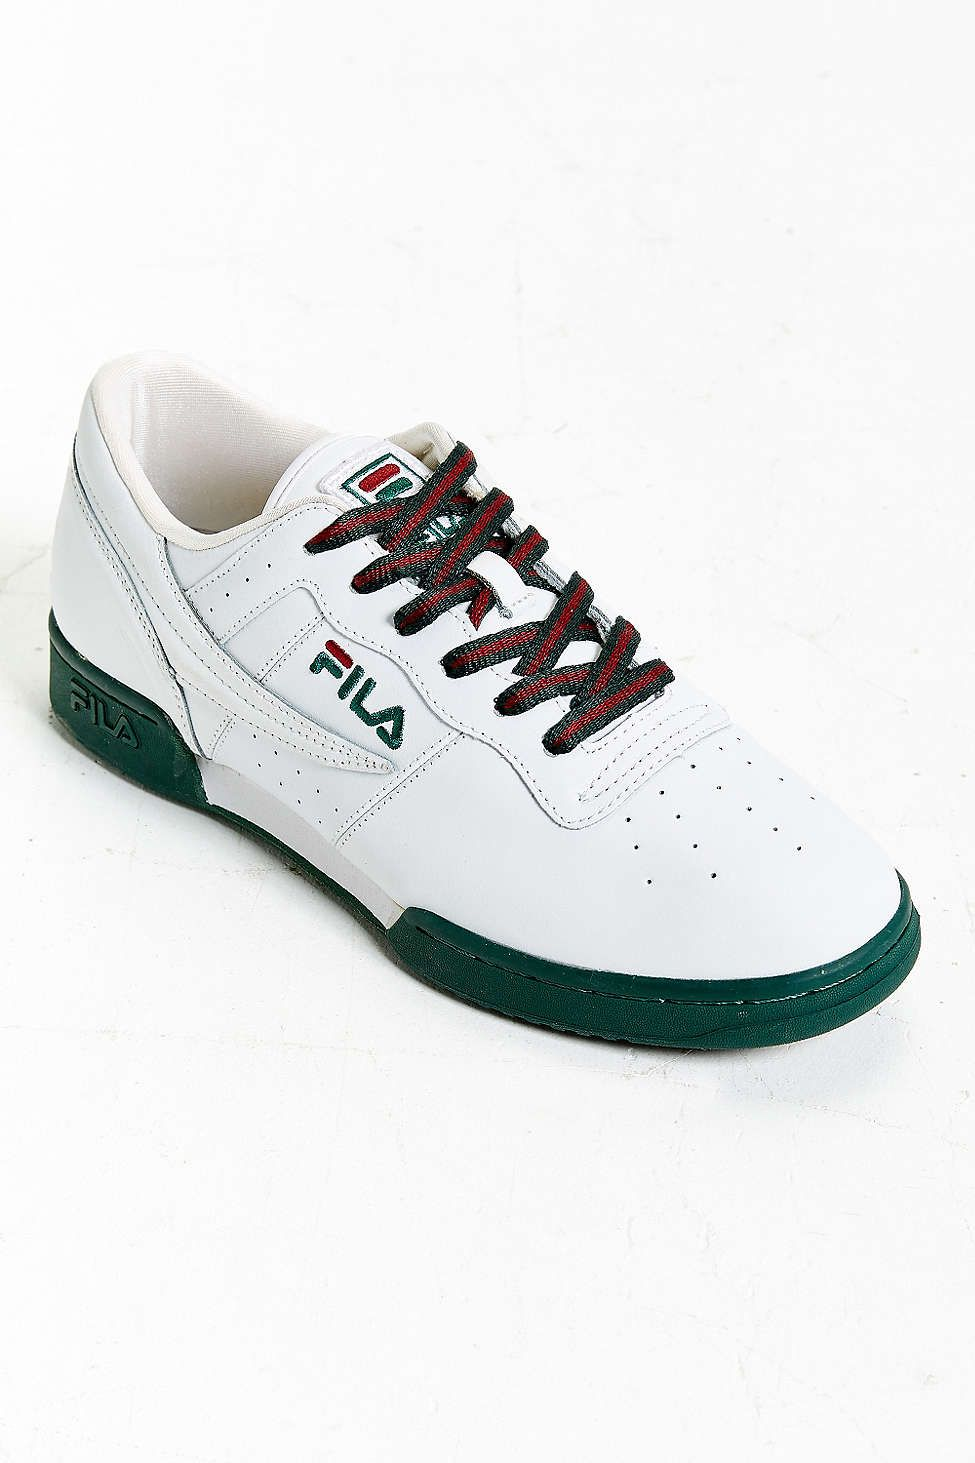 RetroZapatos Fila Fitness Et Tenis Original SneakerBasket wZTliPXOuk